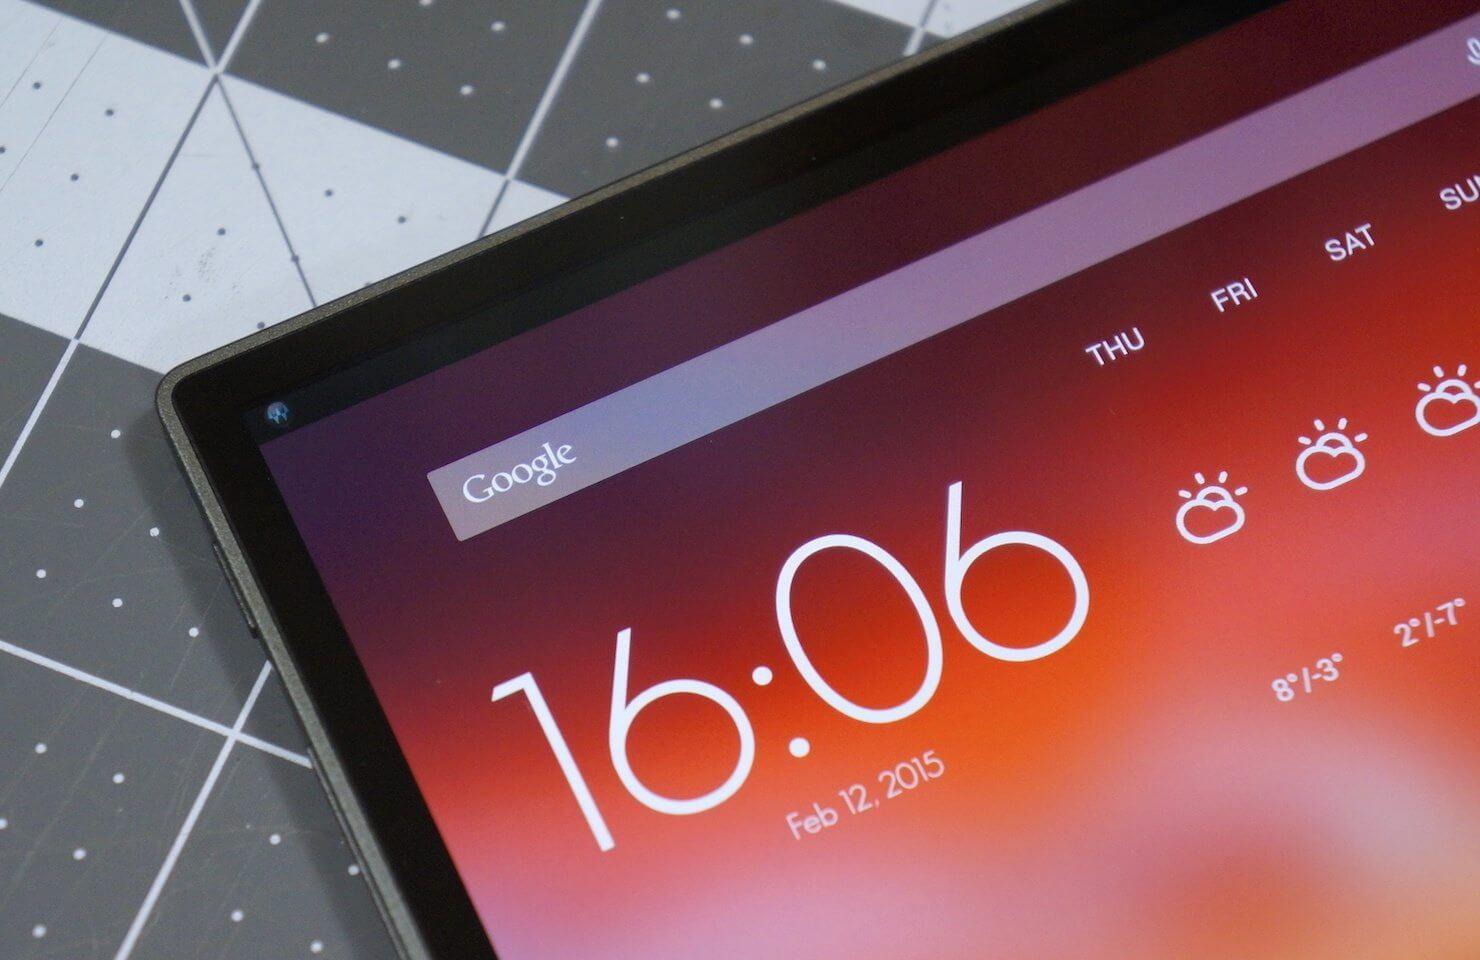 smt zenfonemax capa - ASUS lança Zenfone Max com bateria de 5000mAh